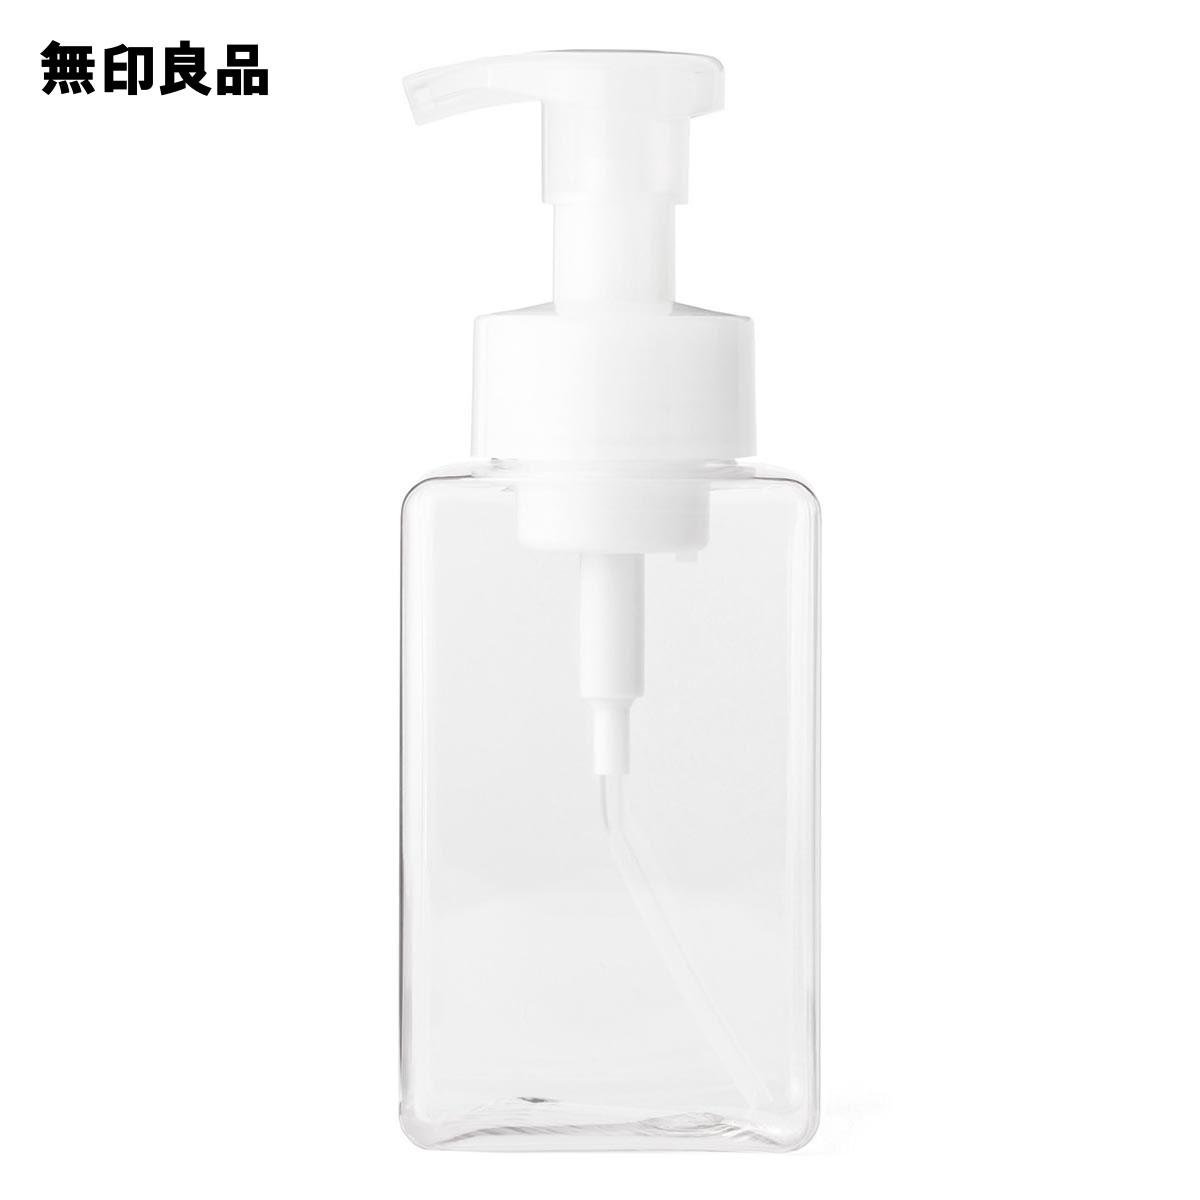 【無印良品 公式】PET詰替ボトル・泡タイプ・クリア・400ml用